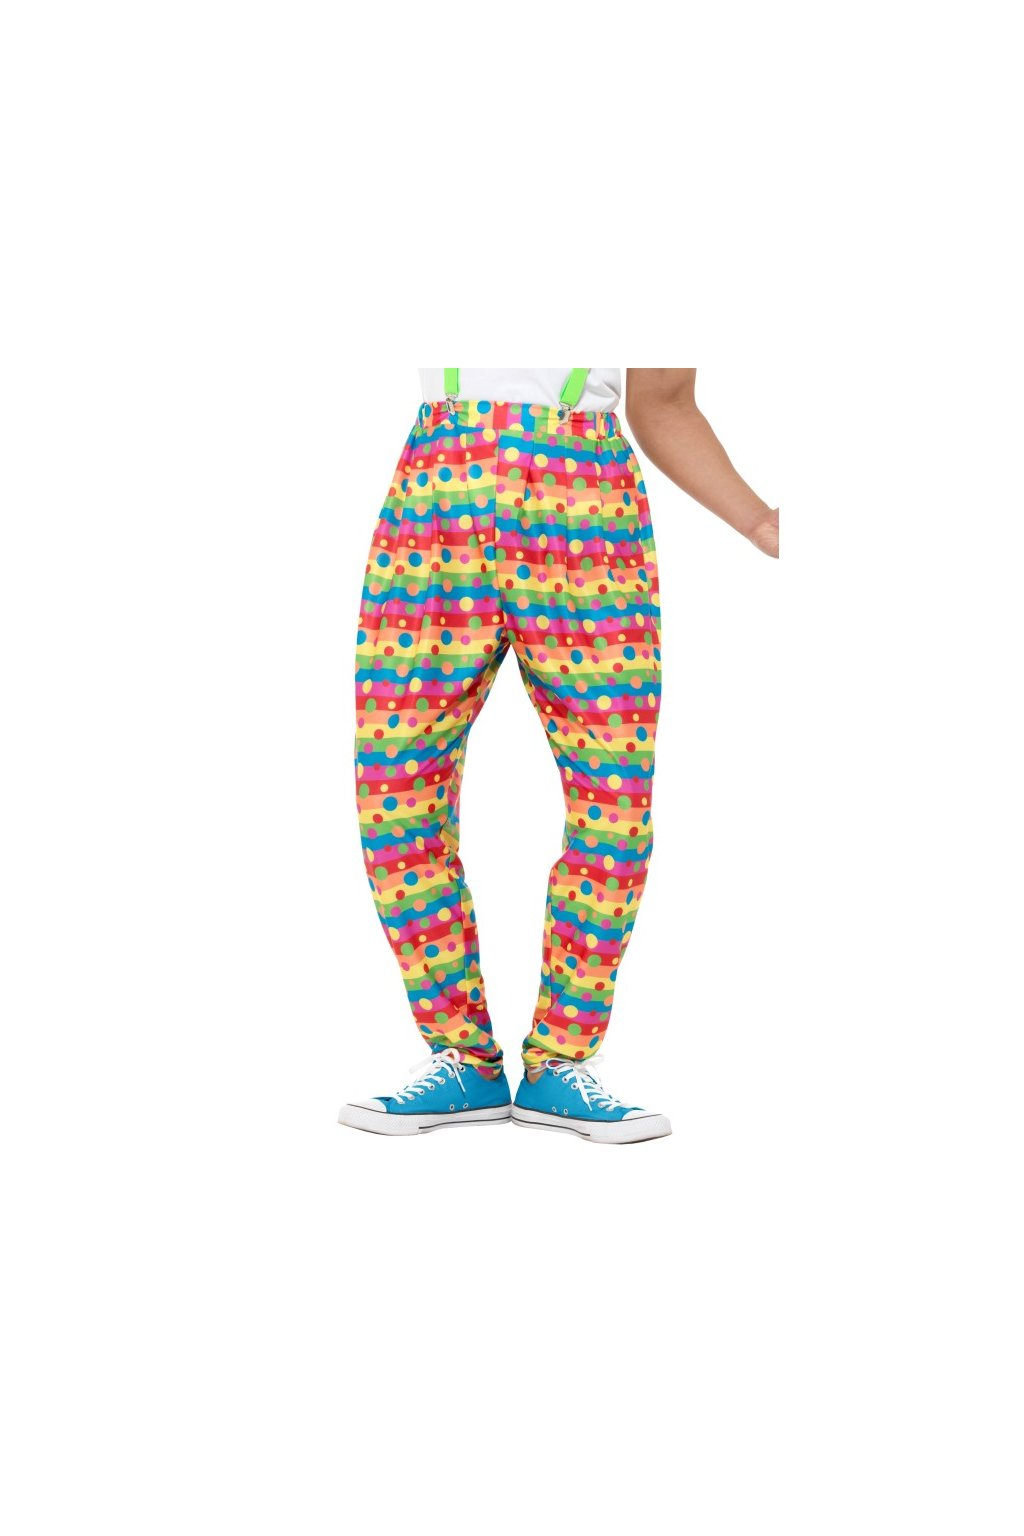 Kalhoty pro klauna